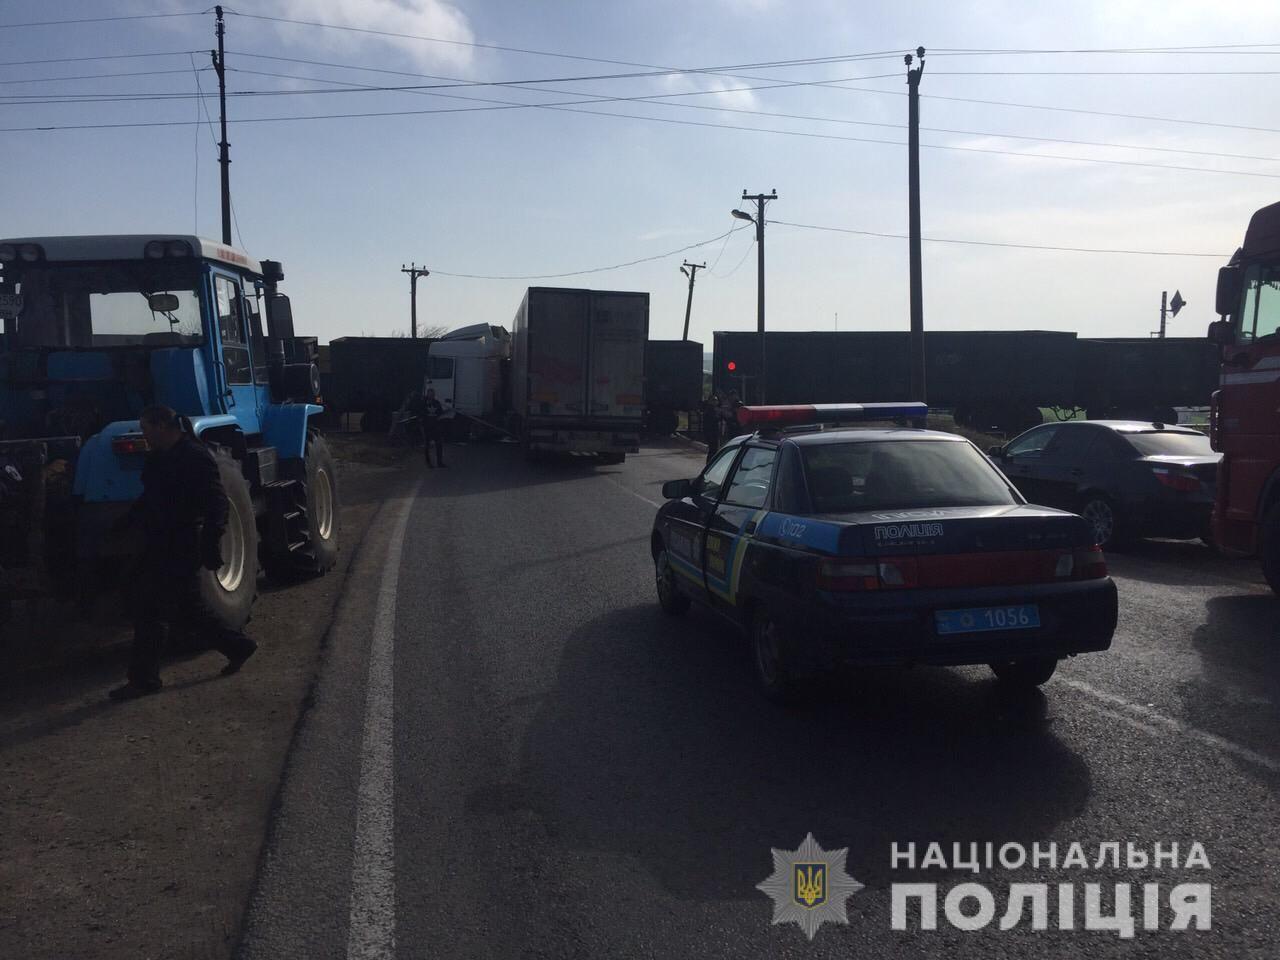 вантажівка, потяг, аварія, залізниця 2